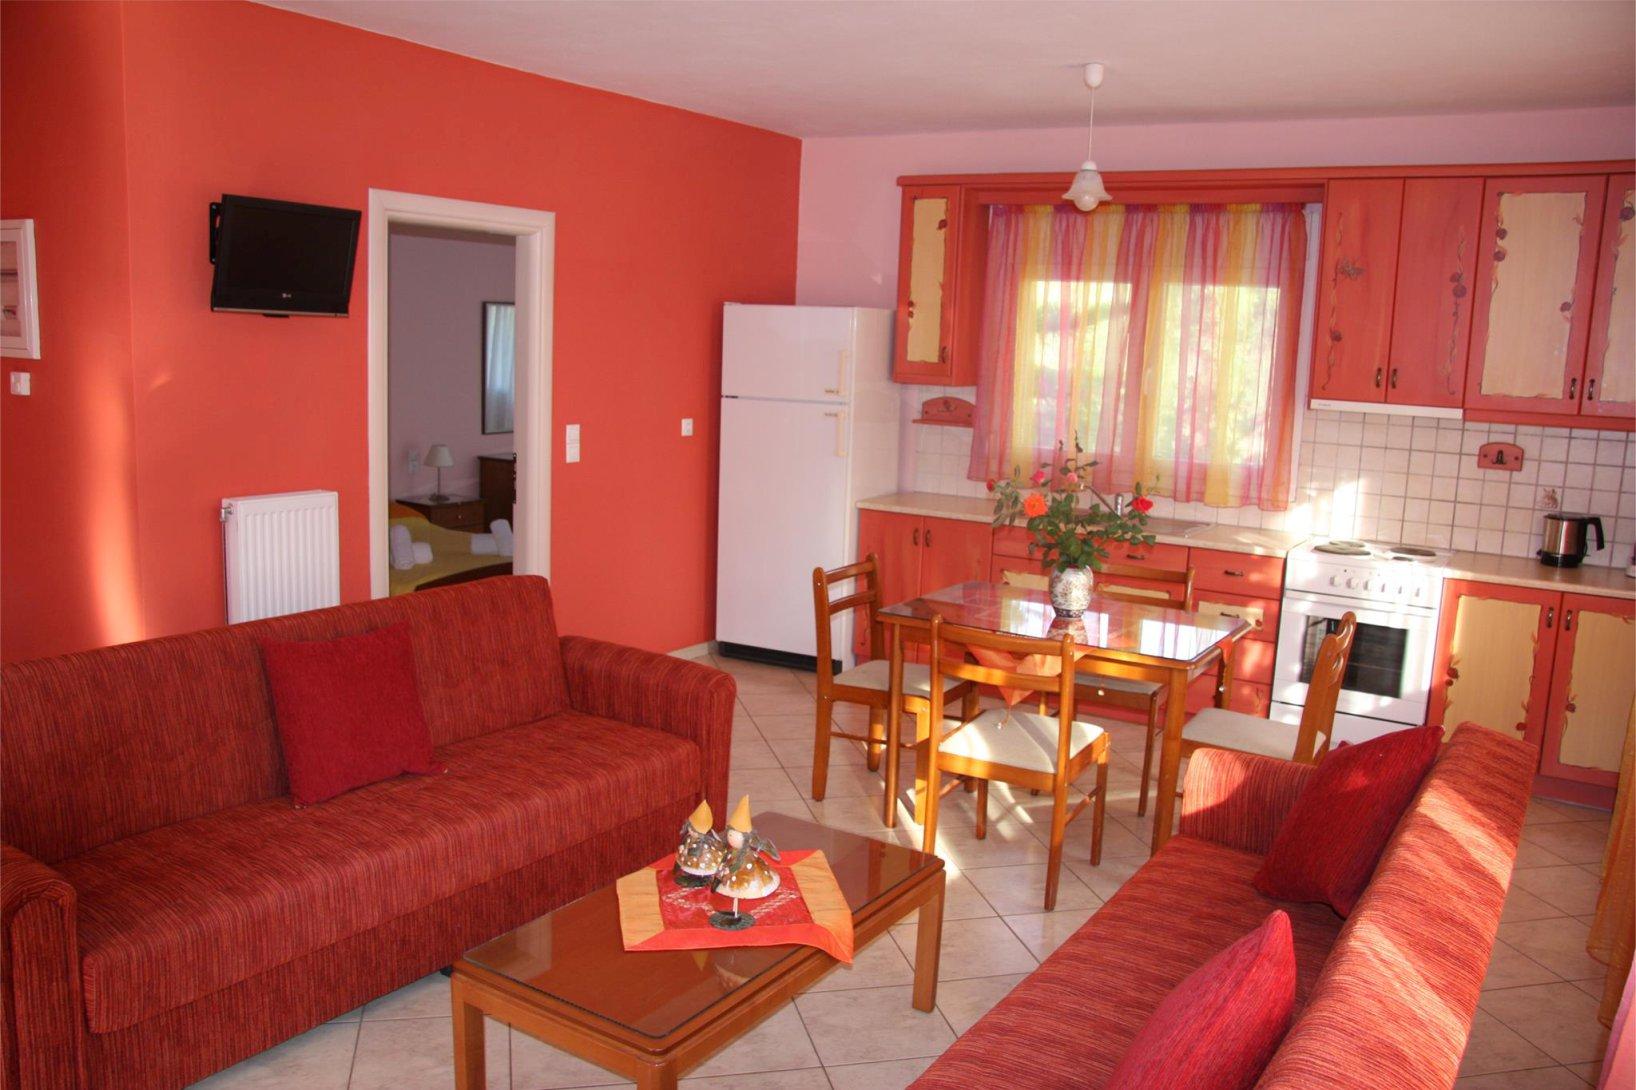 appartamenti efi zoi apartments rooms to let sivota